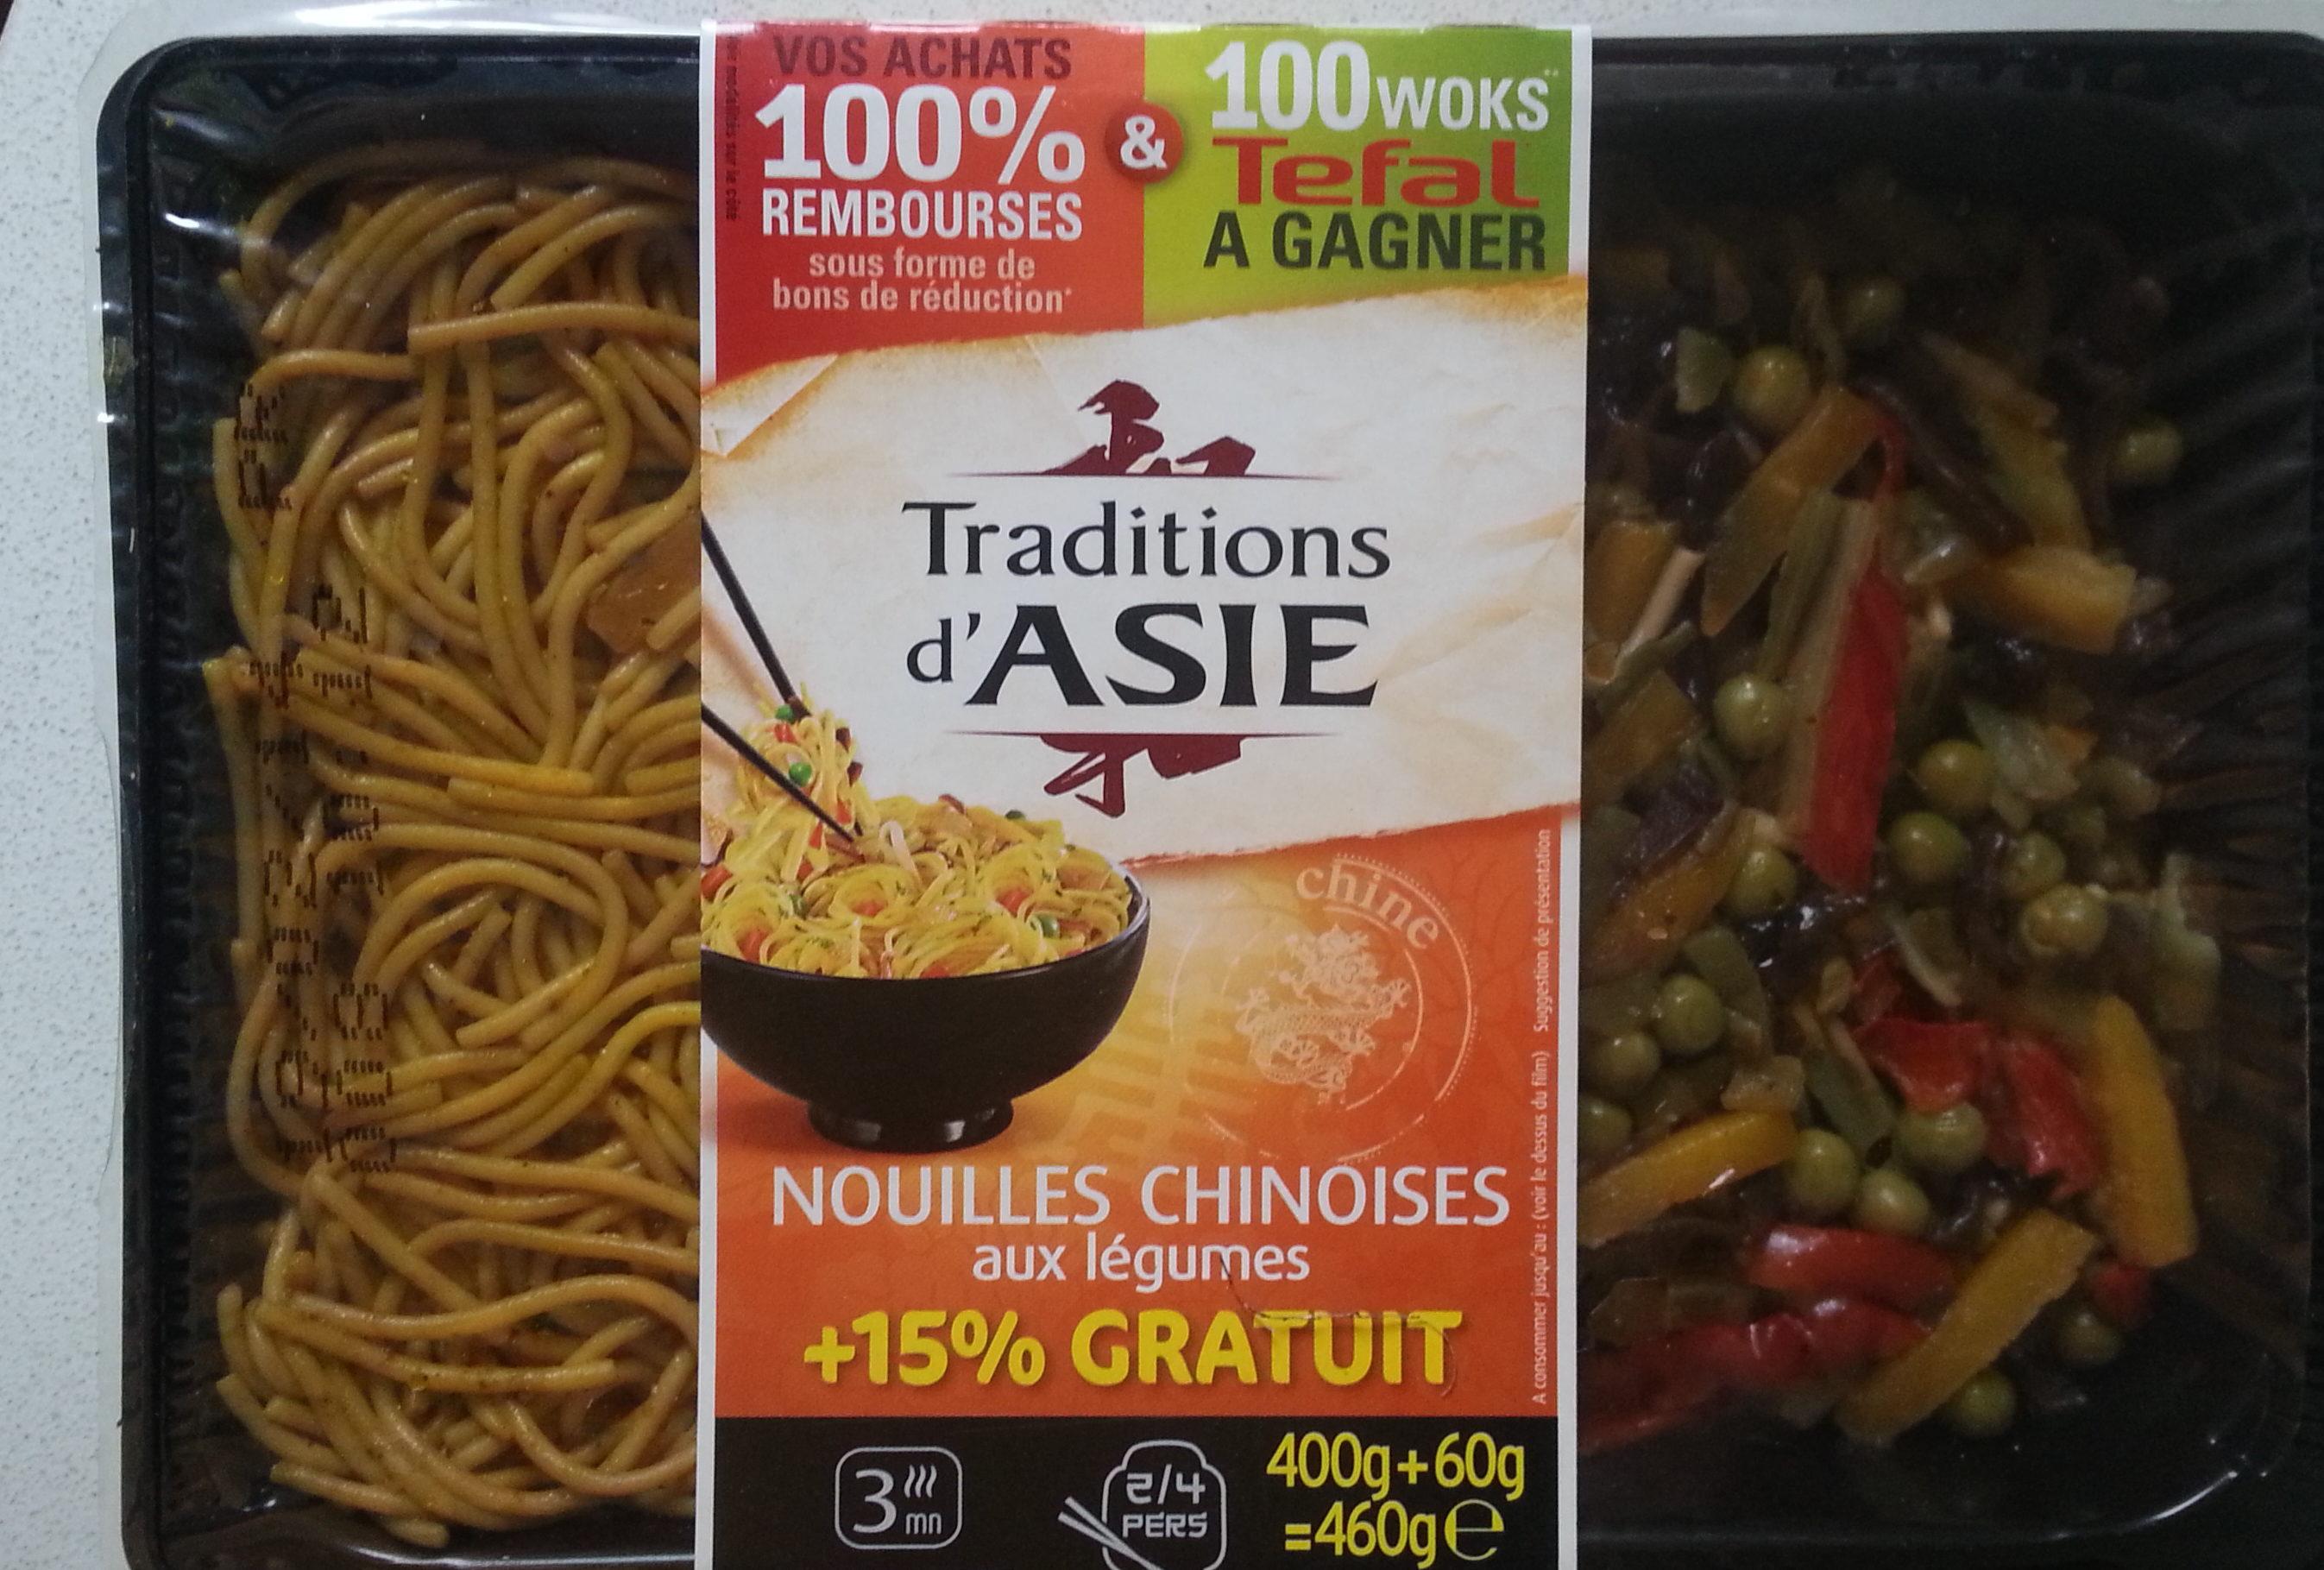 Nouilles chinoises aux légumes - Product